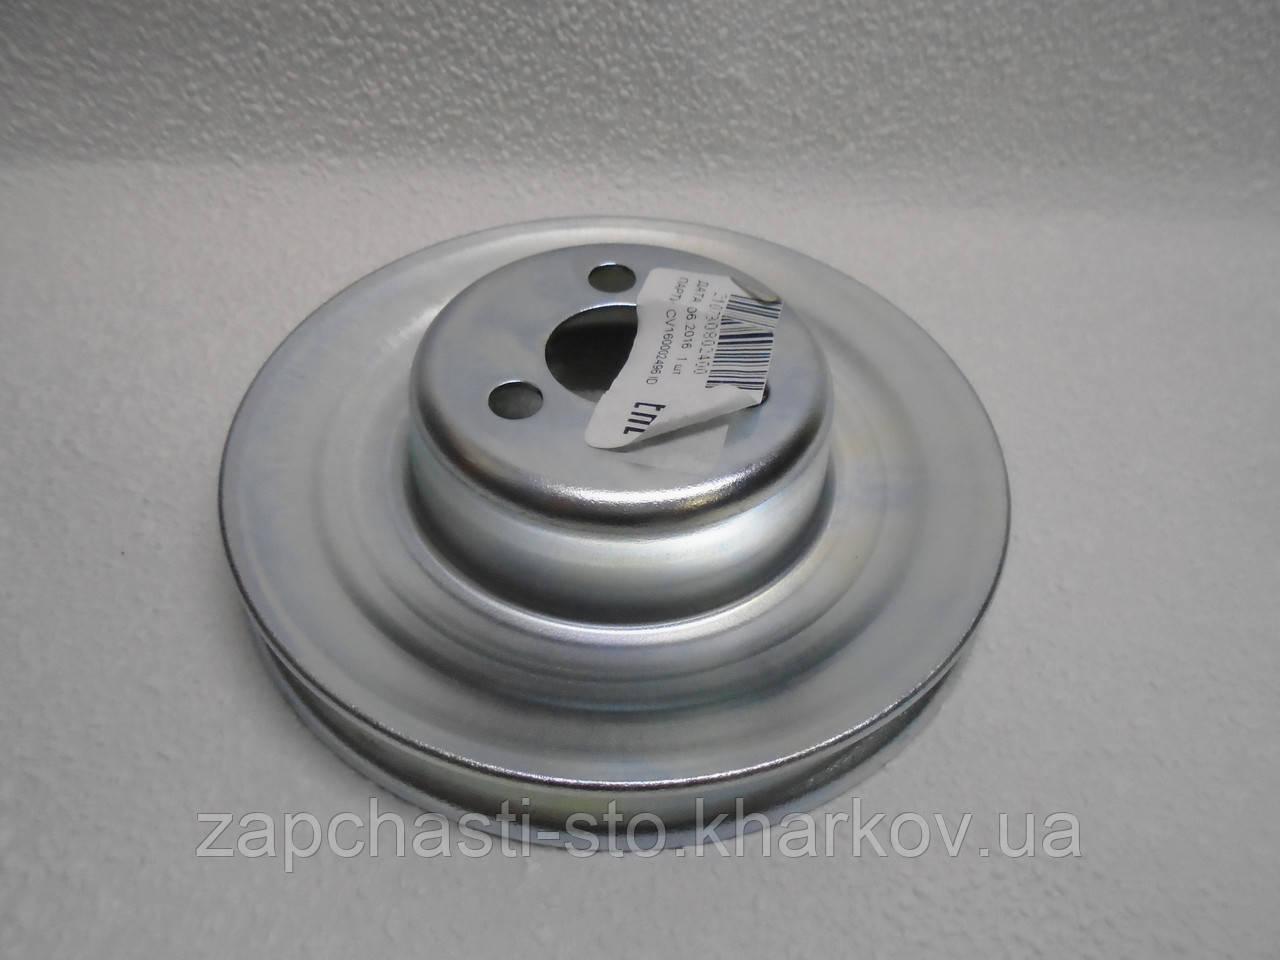 Шкив водяного насоса, помпы ВАЗ 2101-2107 АвтоВАЗ оригинал